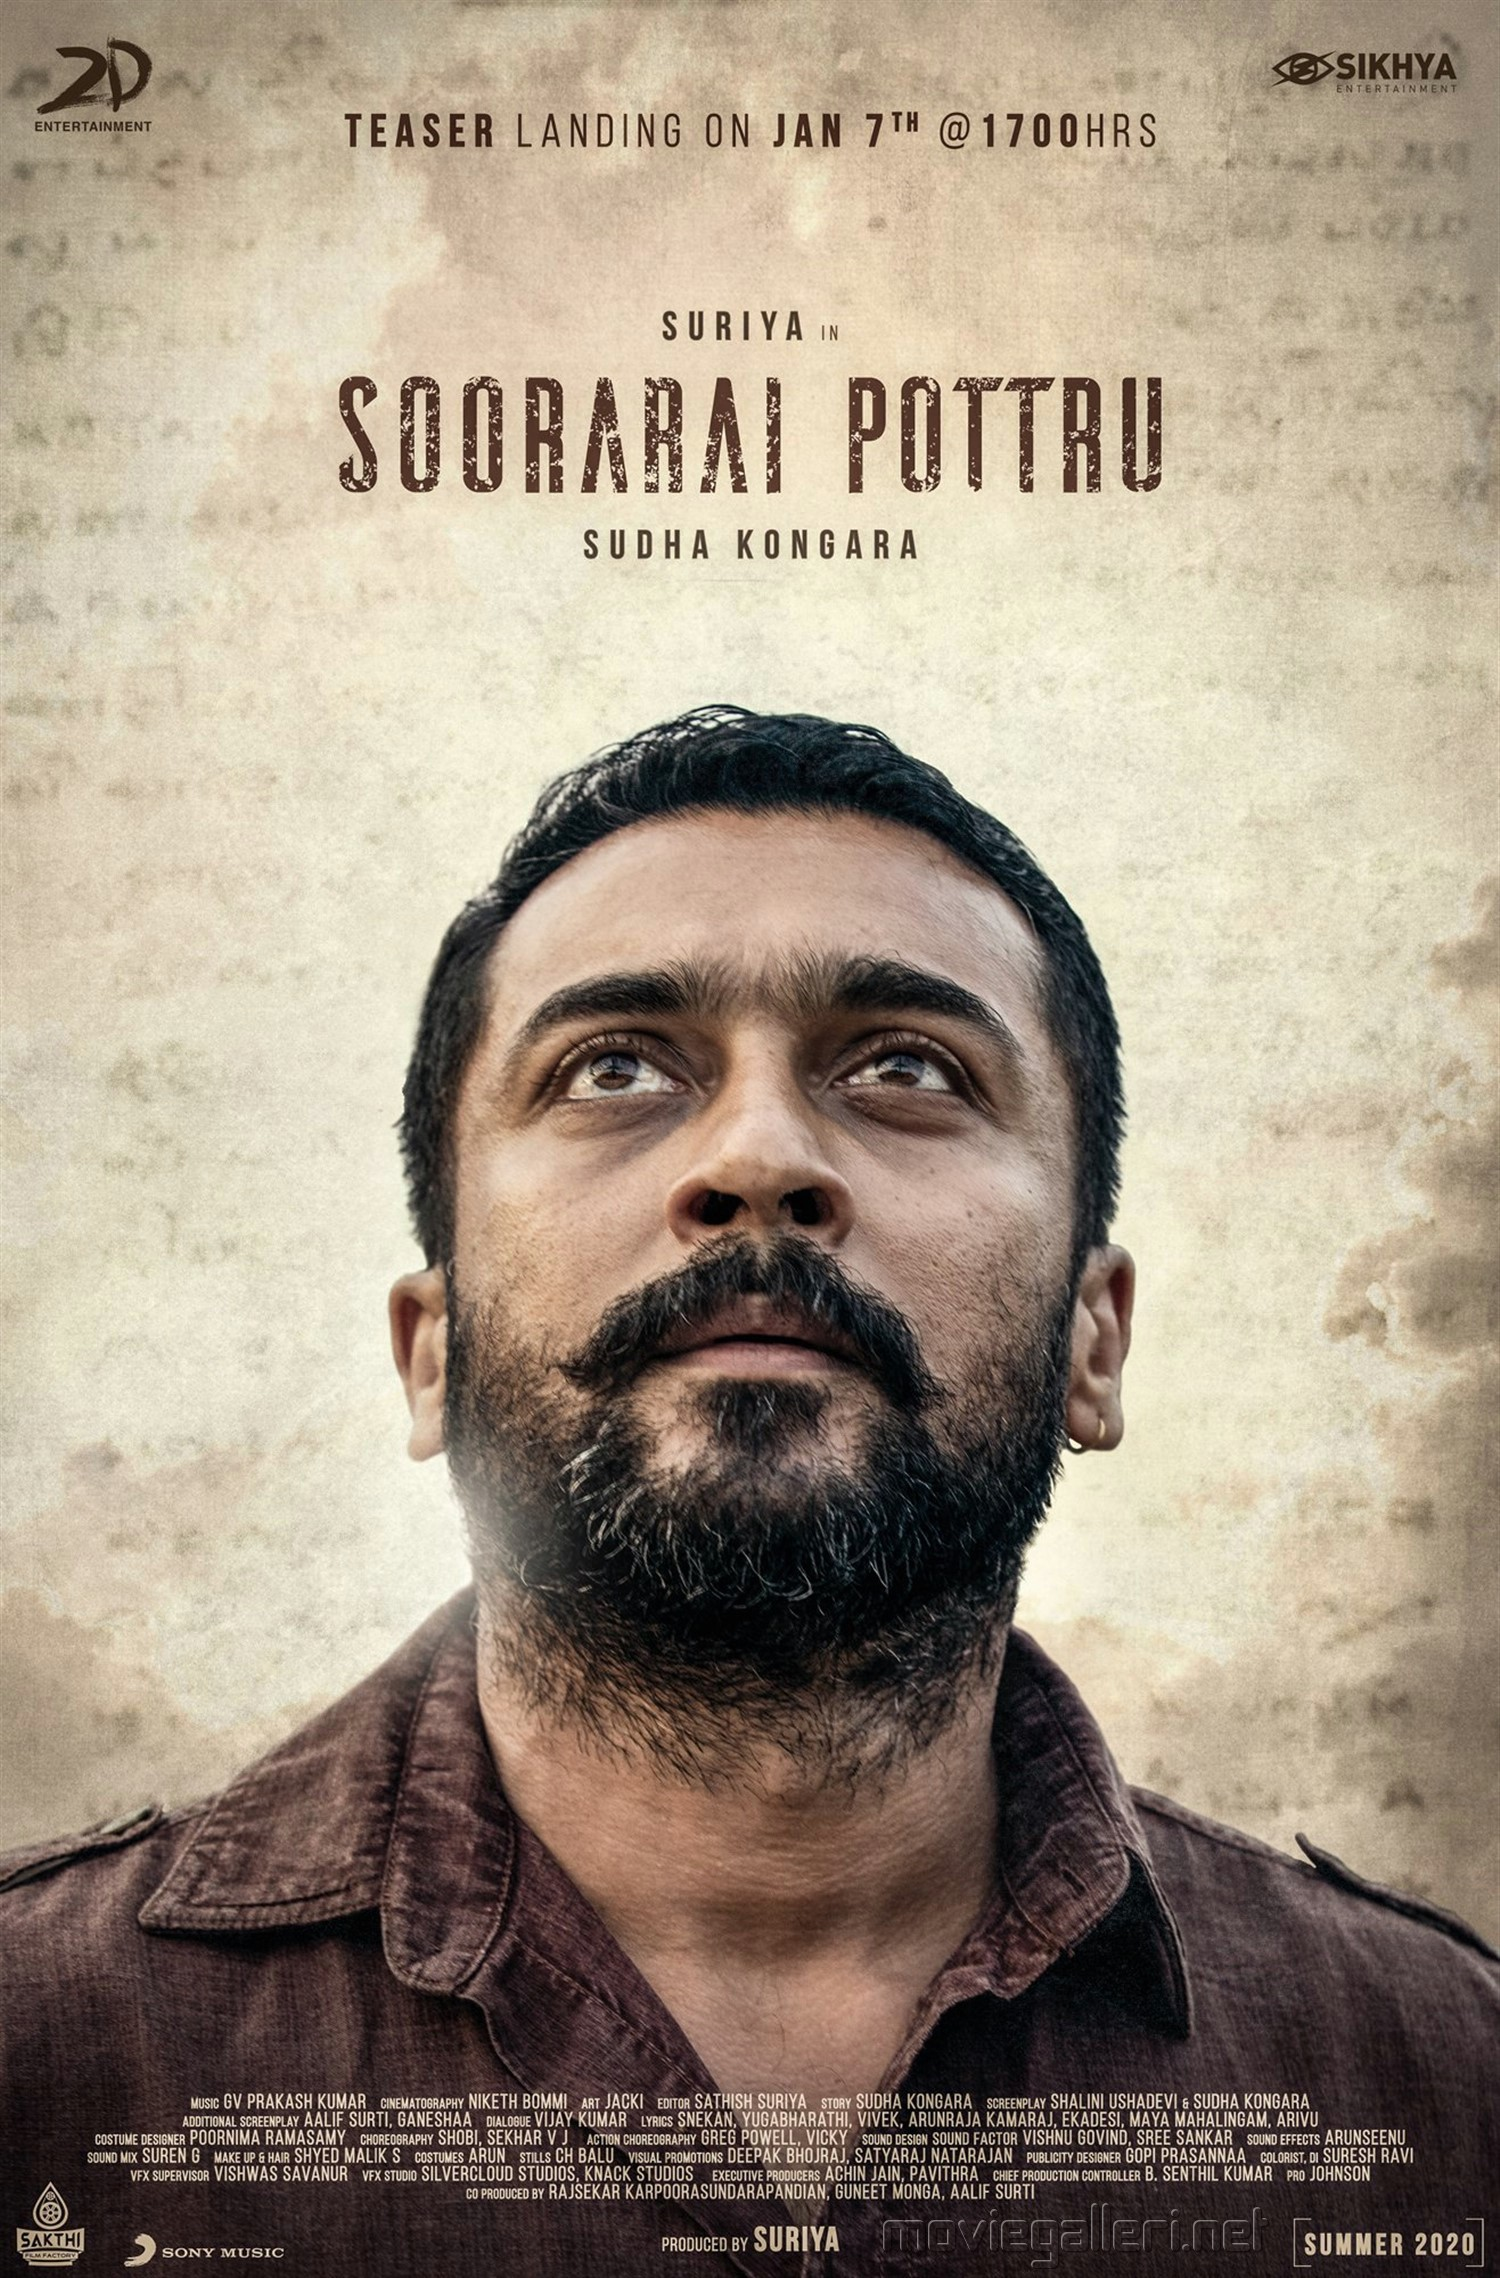 Hero Suriya Soorarai Pottru Movie Teaser Release Jan 7th Poster HD